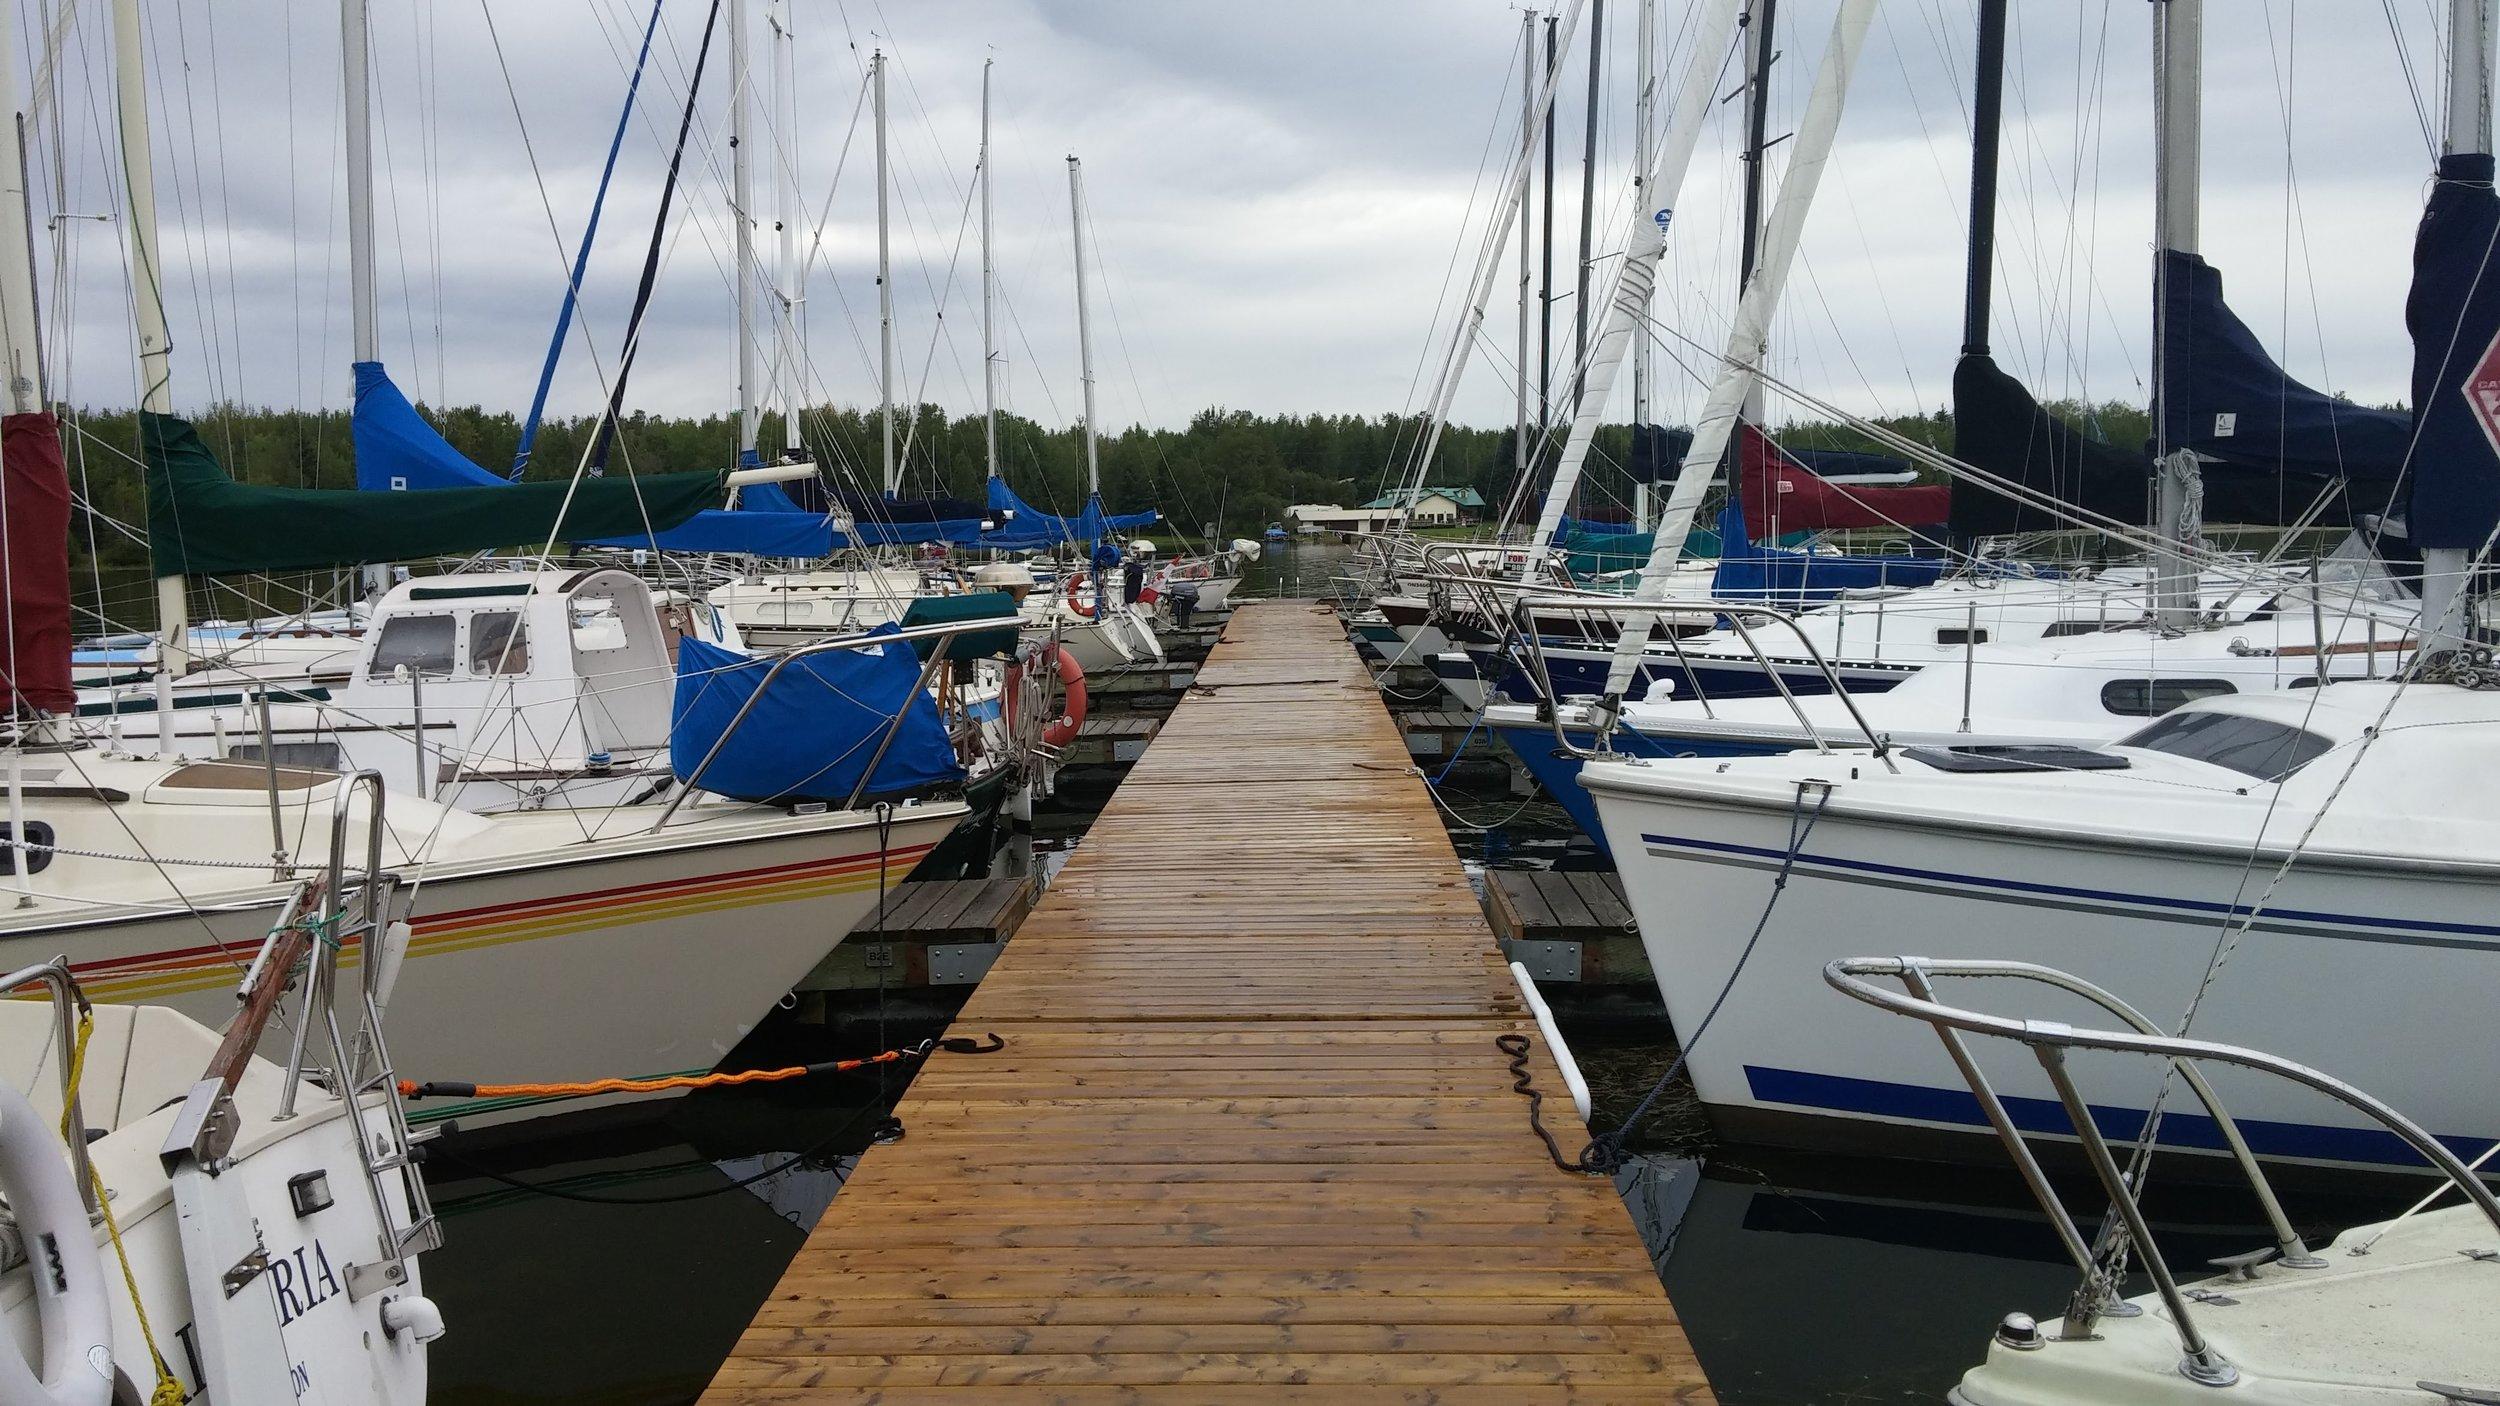 Sunshine Bay Yach Club dock